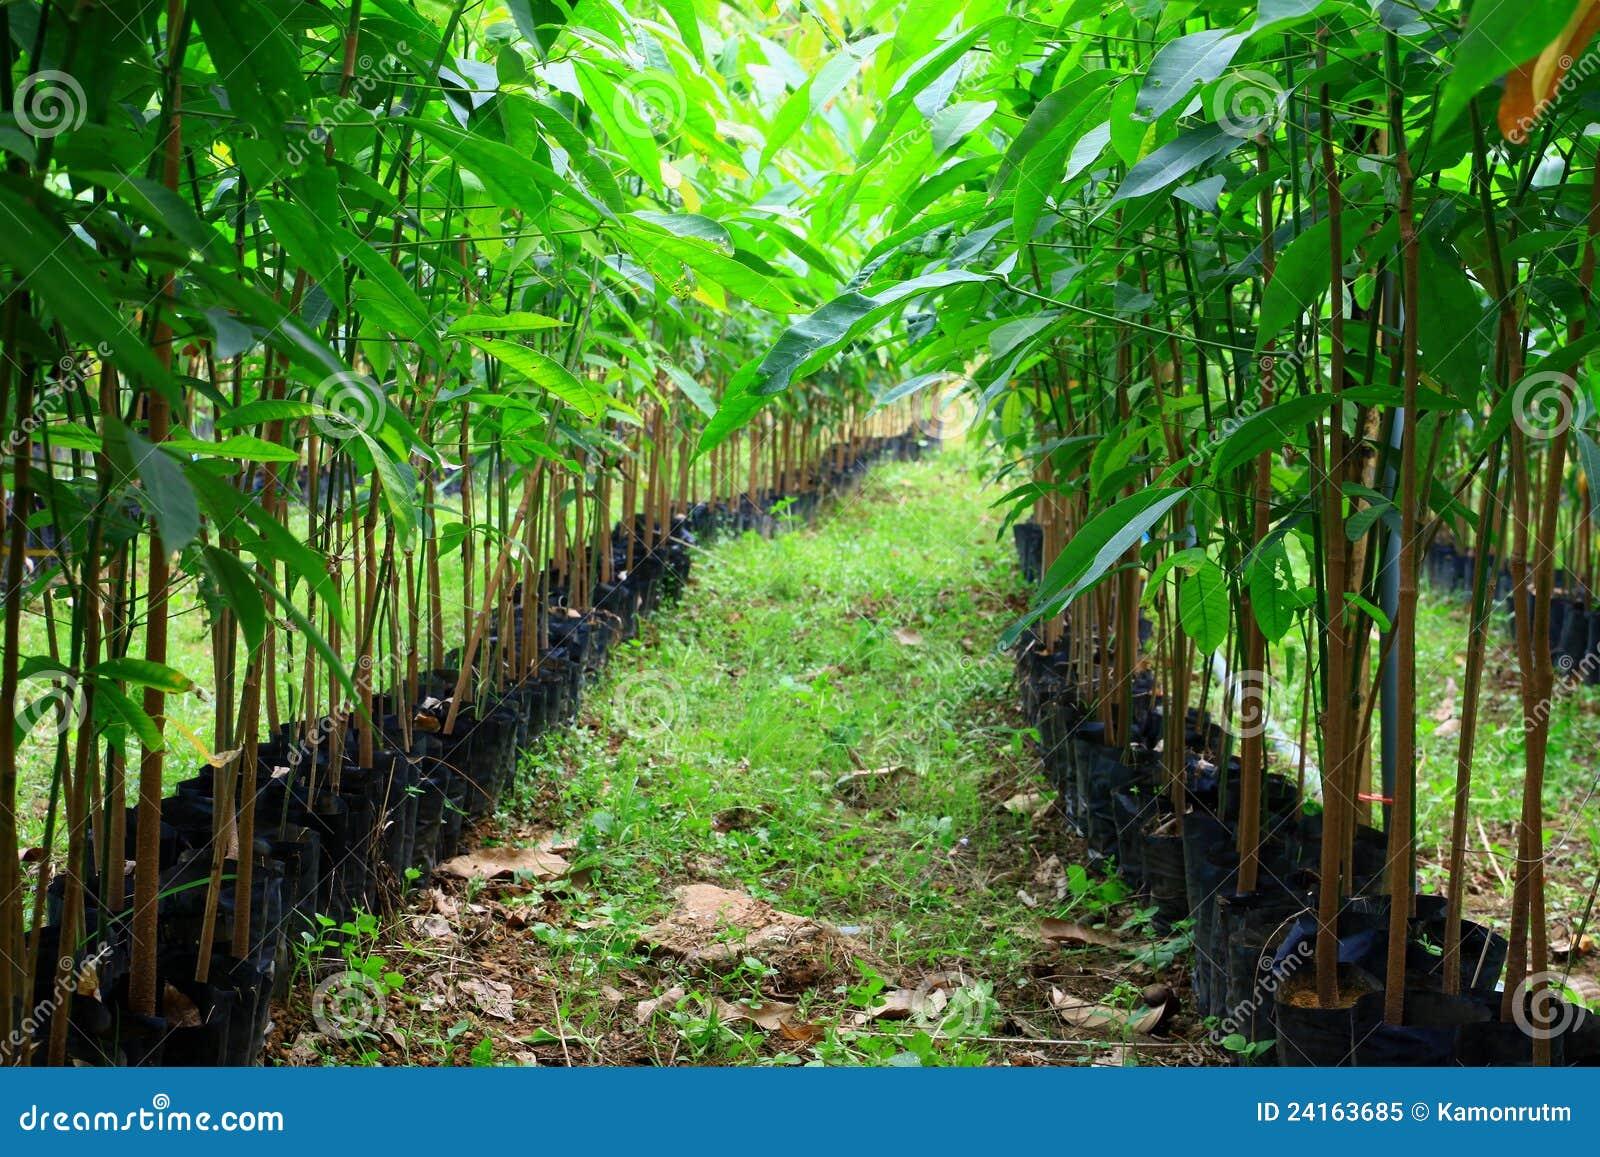 Plantes des arbres en caoutchouc sur une plantation image for Caoutchouc plante exterieur